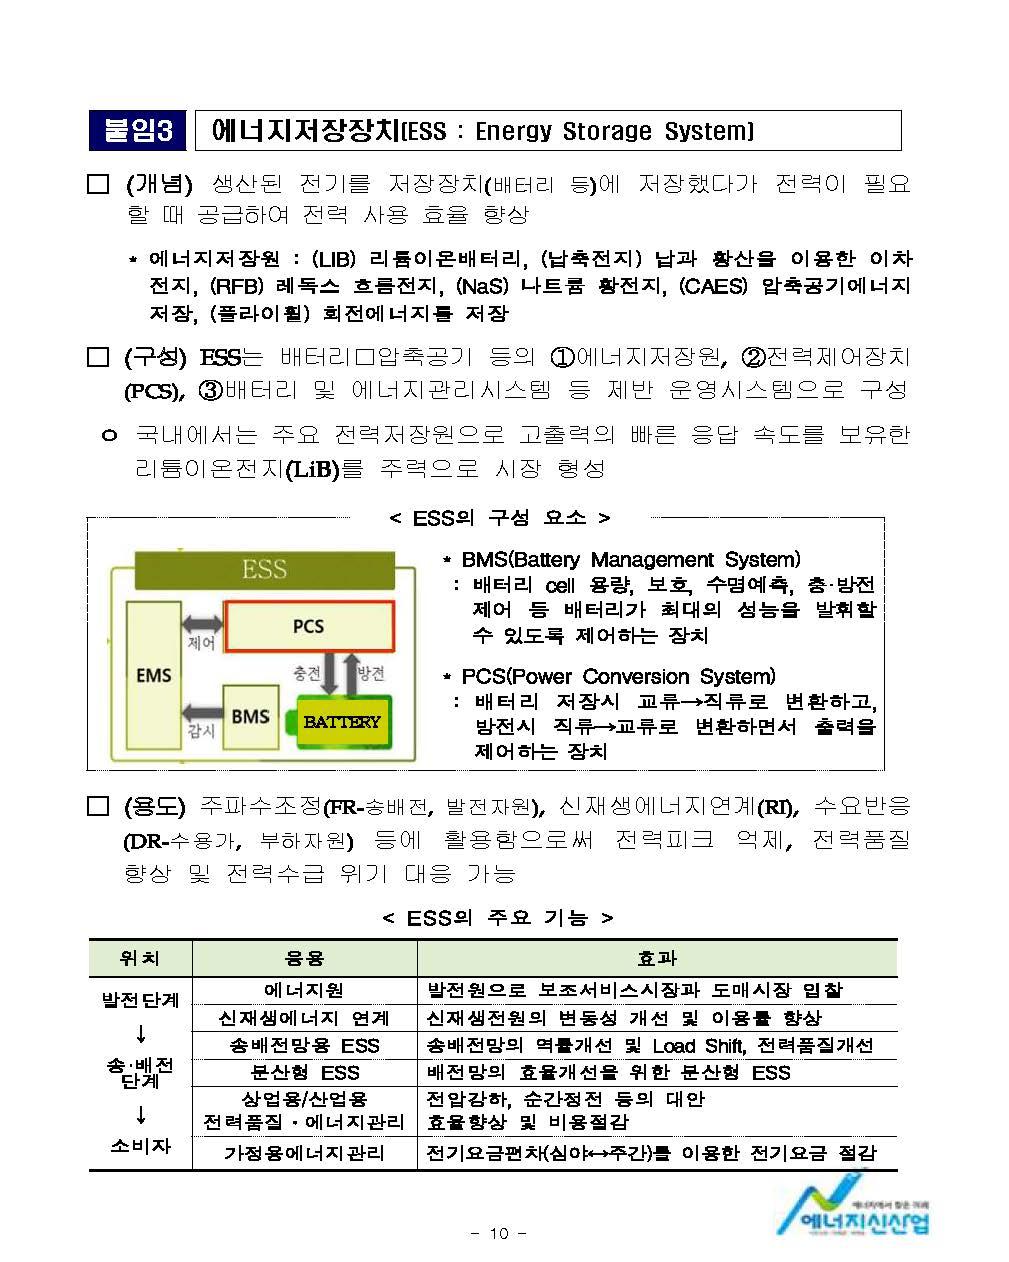 150902 (3일조간) 전력진흥과, 대용량 에너지장치 시험인증기반 구축_페이지_10.jpg